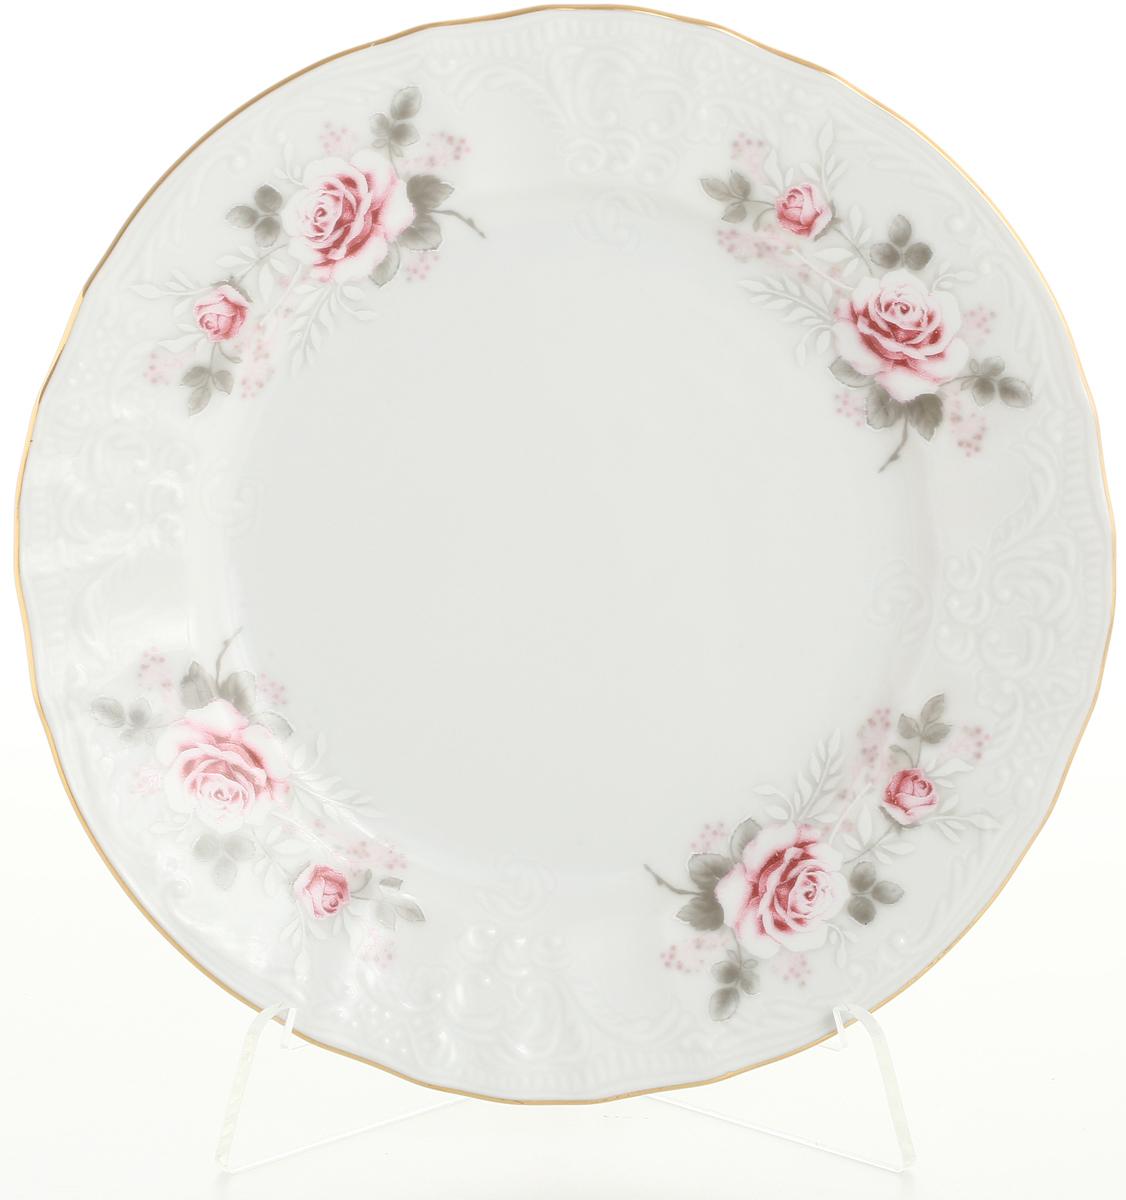 Набор тарелок Bernadotte Серая роза. Золото, диаметр 17 см, 6 шт набор глубоких тарелок bernadotte серая роза золото диаметр 23 см 6 шт